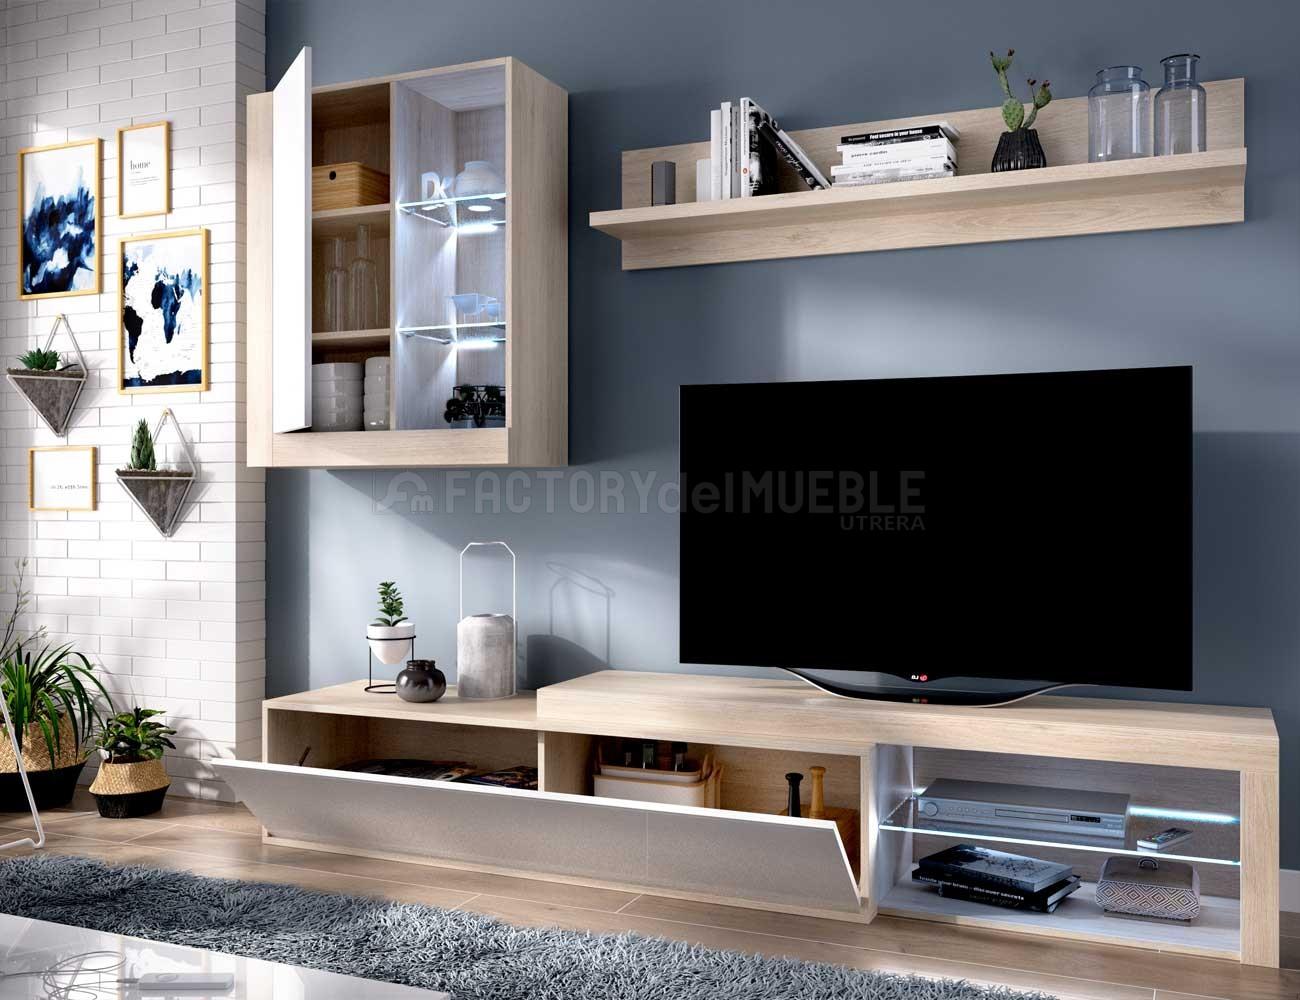 Mueble salon luces leds natural blanco